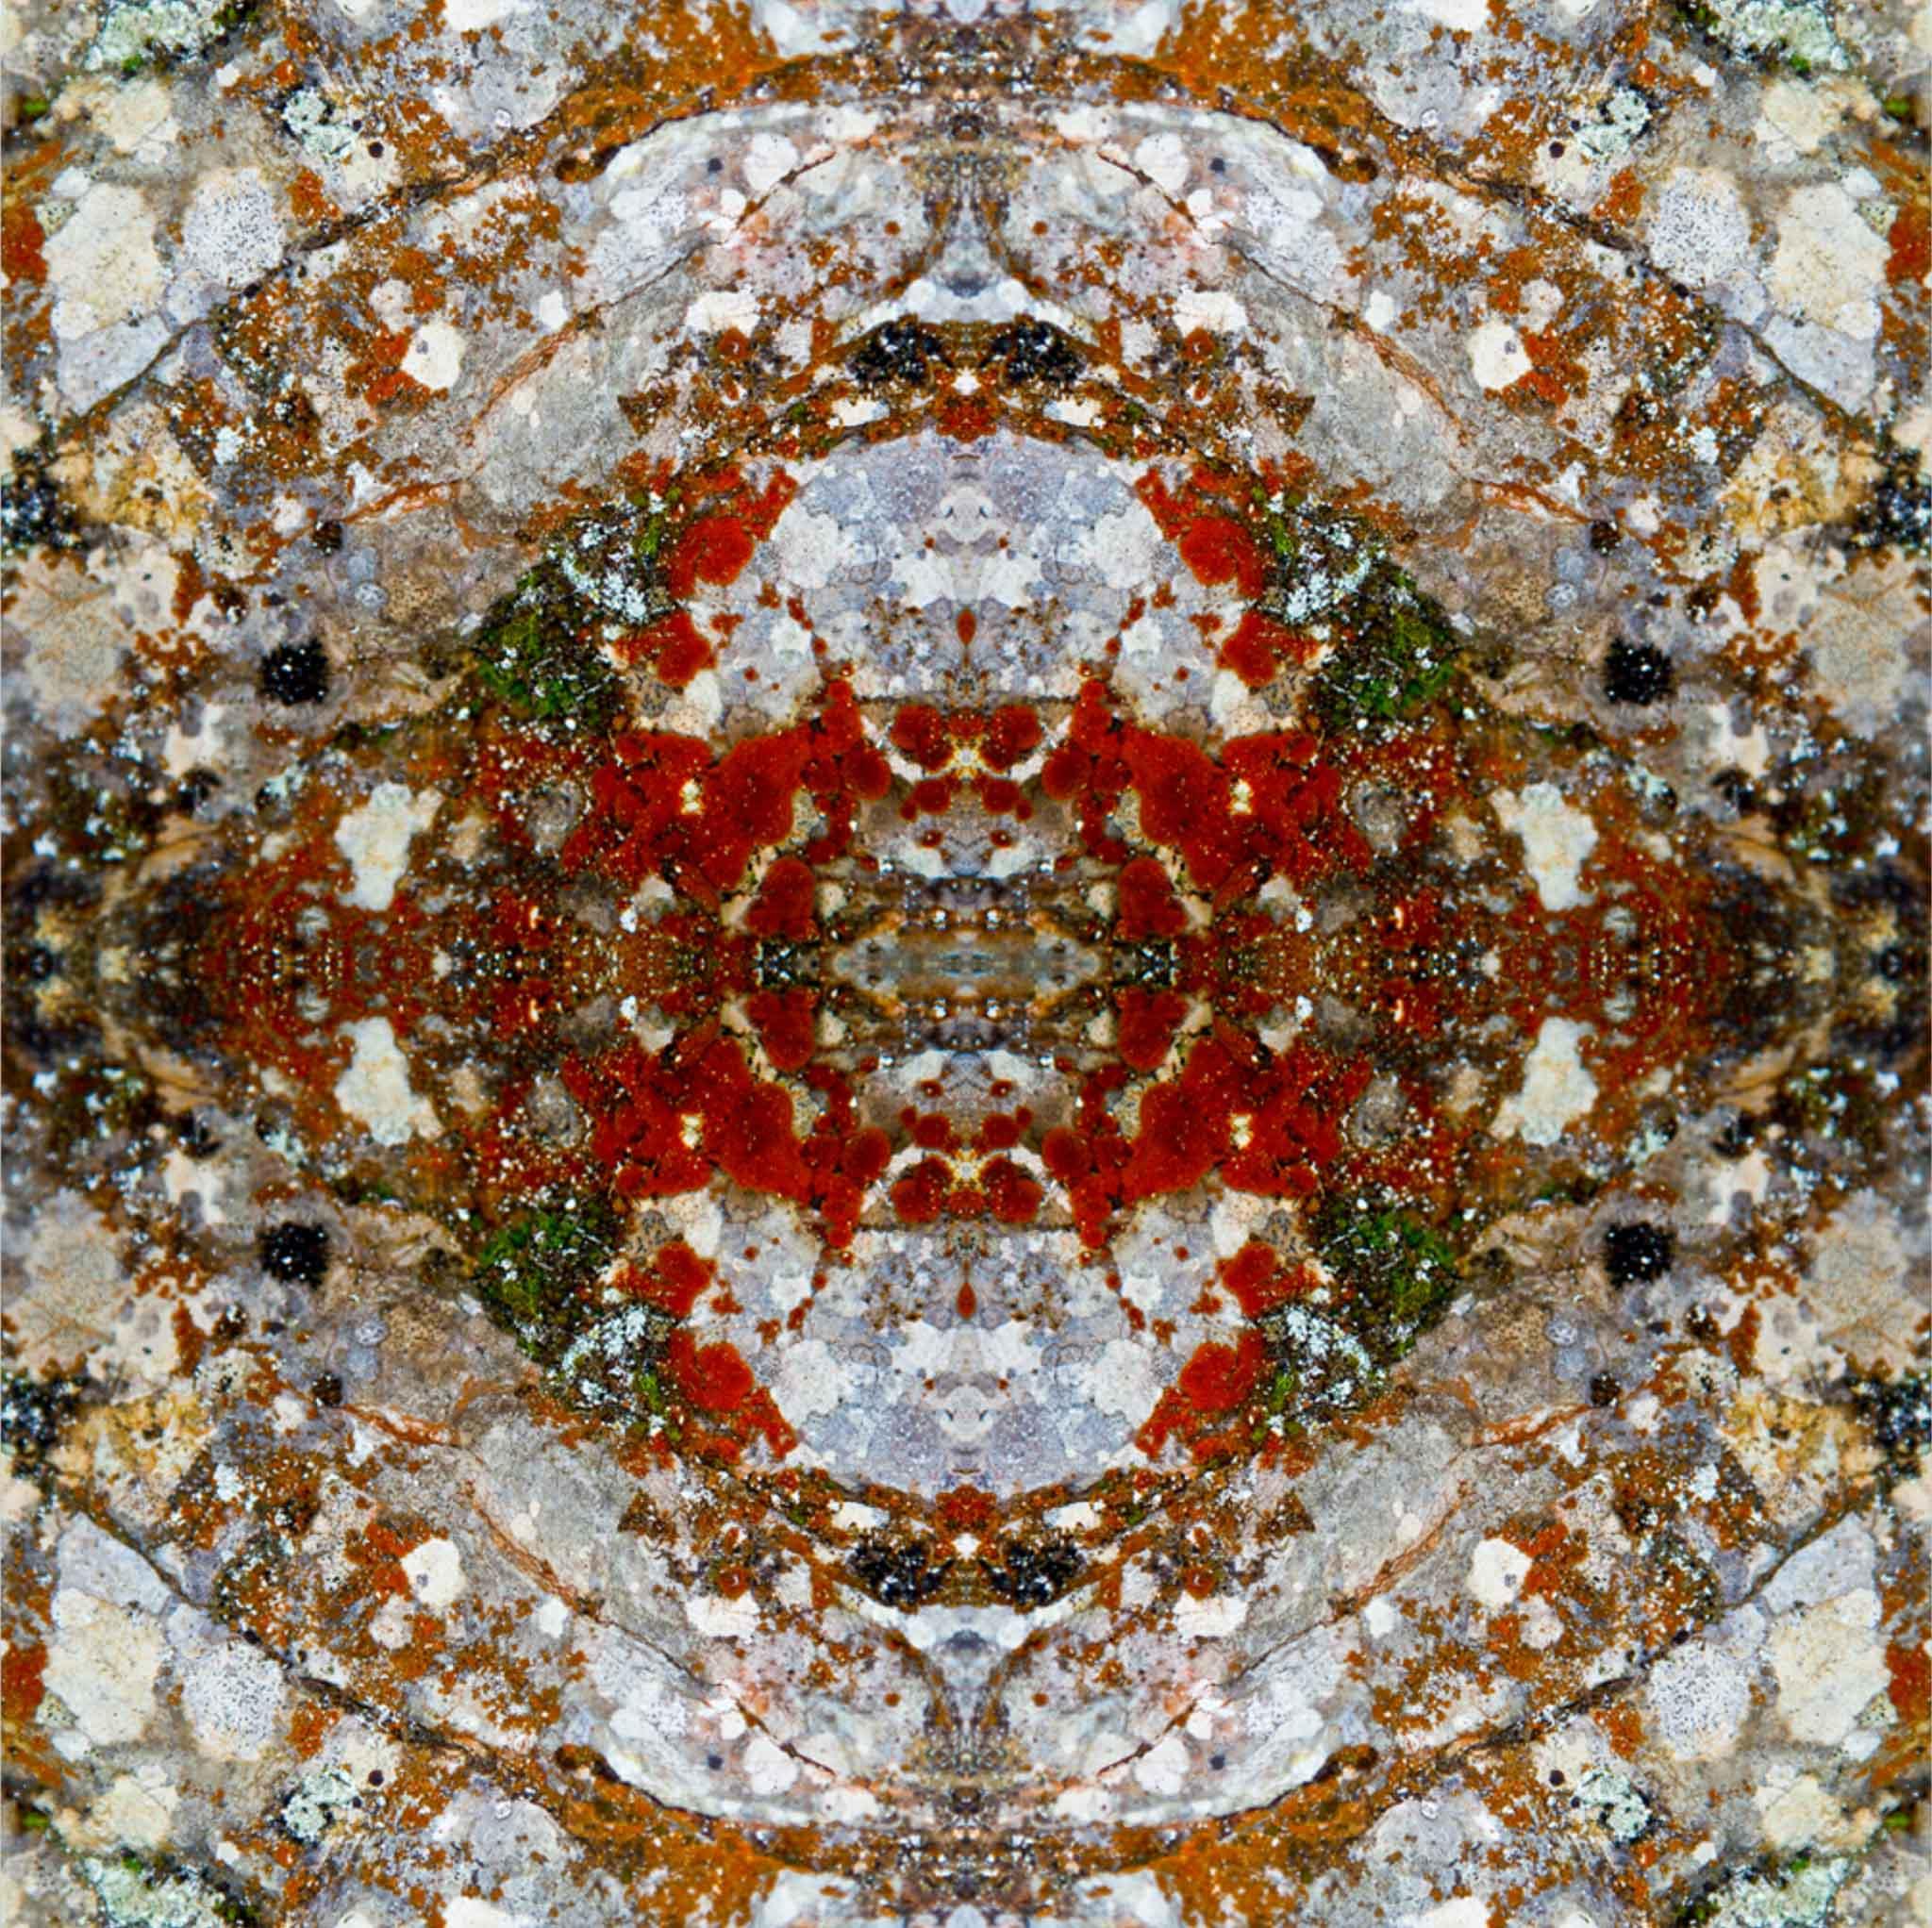 Rocks Composition No.465